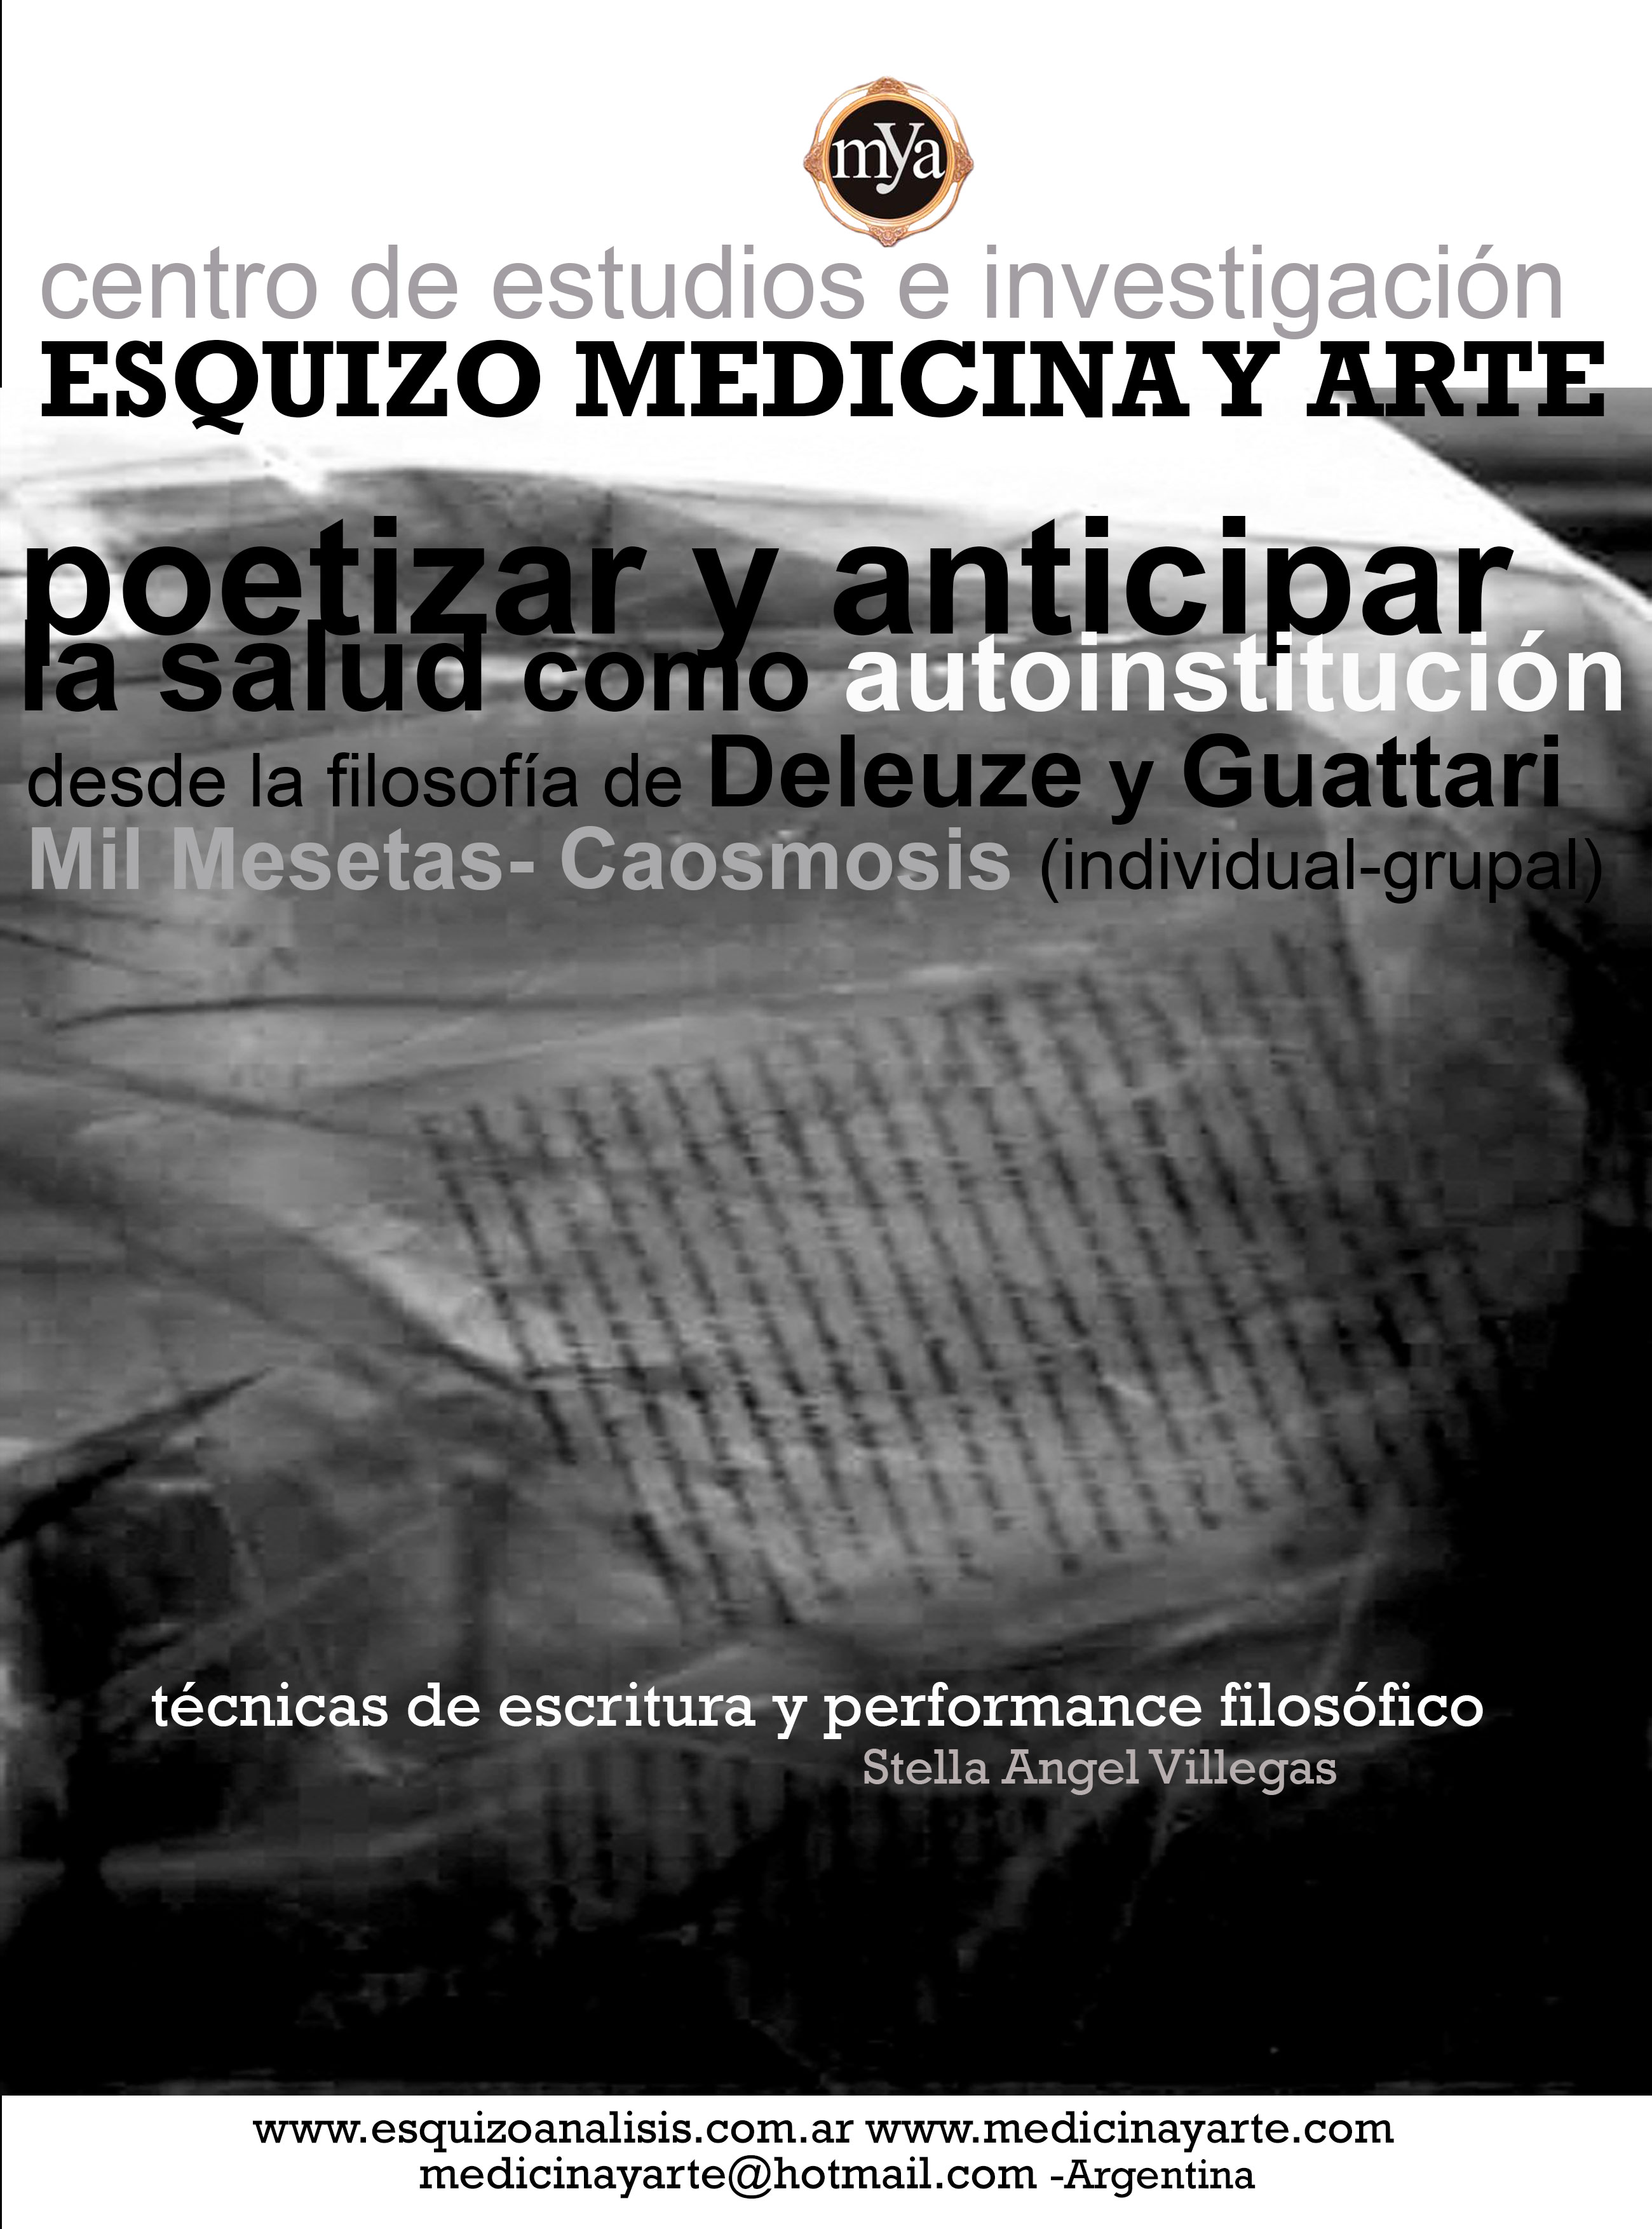 http://www.medicinayarte.com/img/0%20afiche%20esquizo-medicina-y-arte.jpg